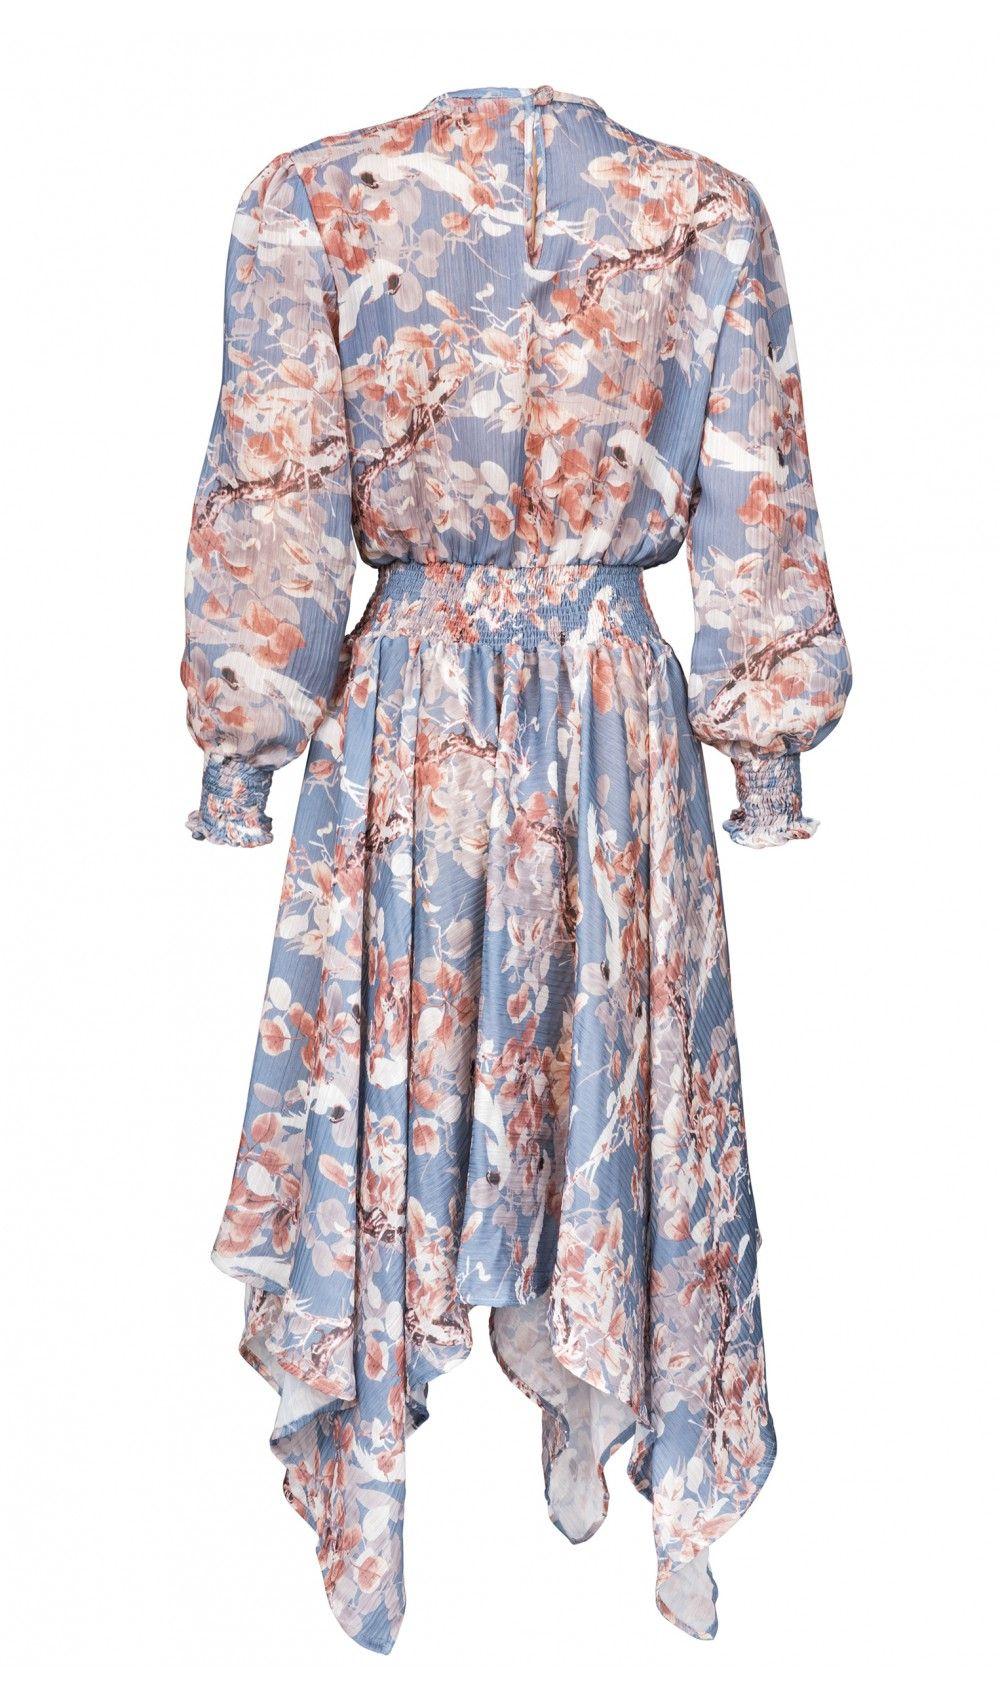 152fdf2731067 Niebieska asymetryczna sukienka w kwiaty Bella 2 Maare